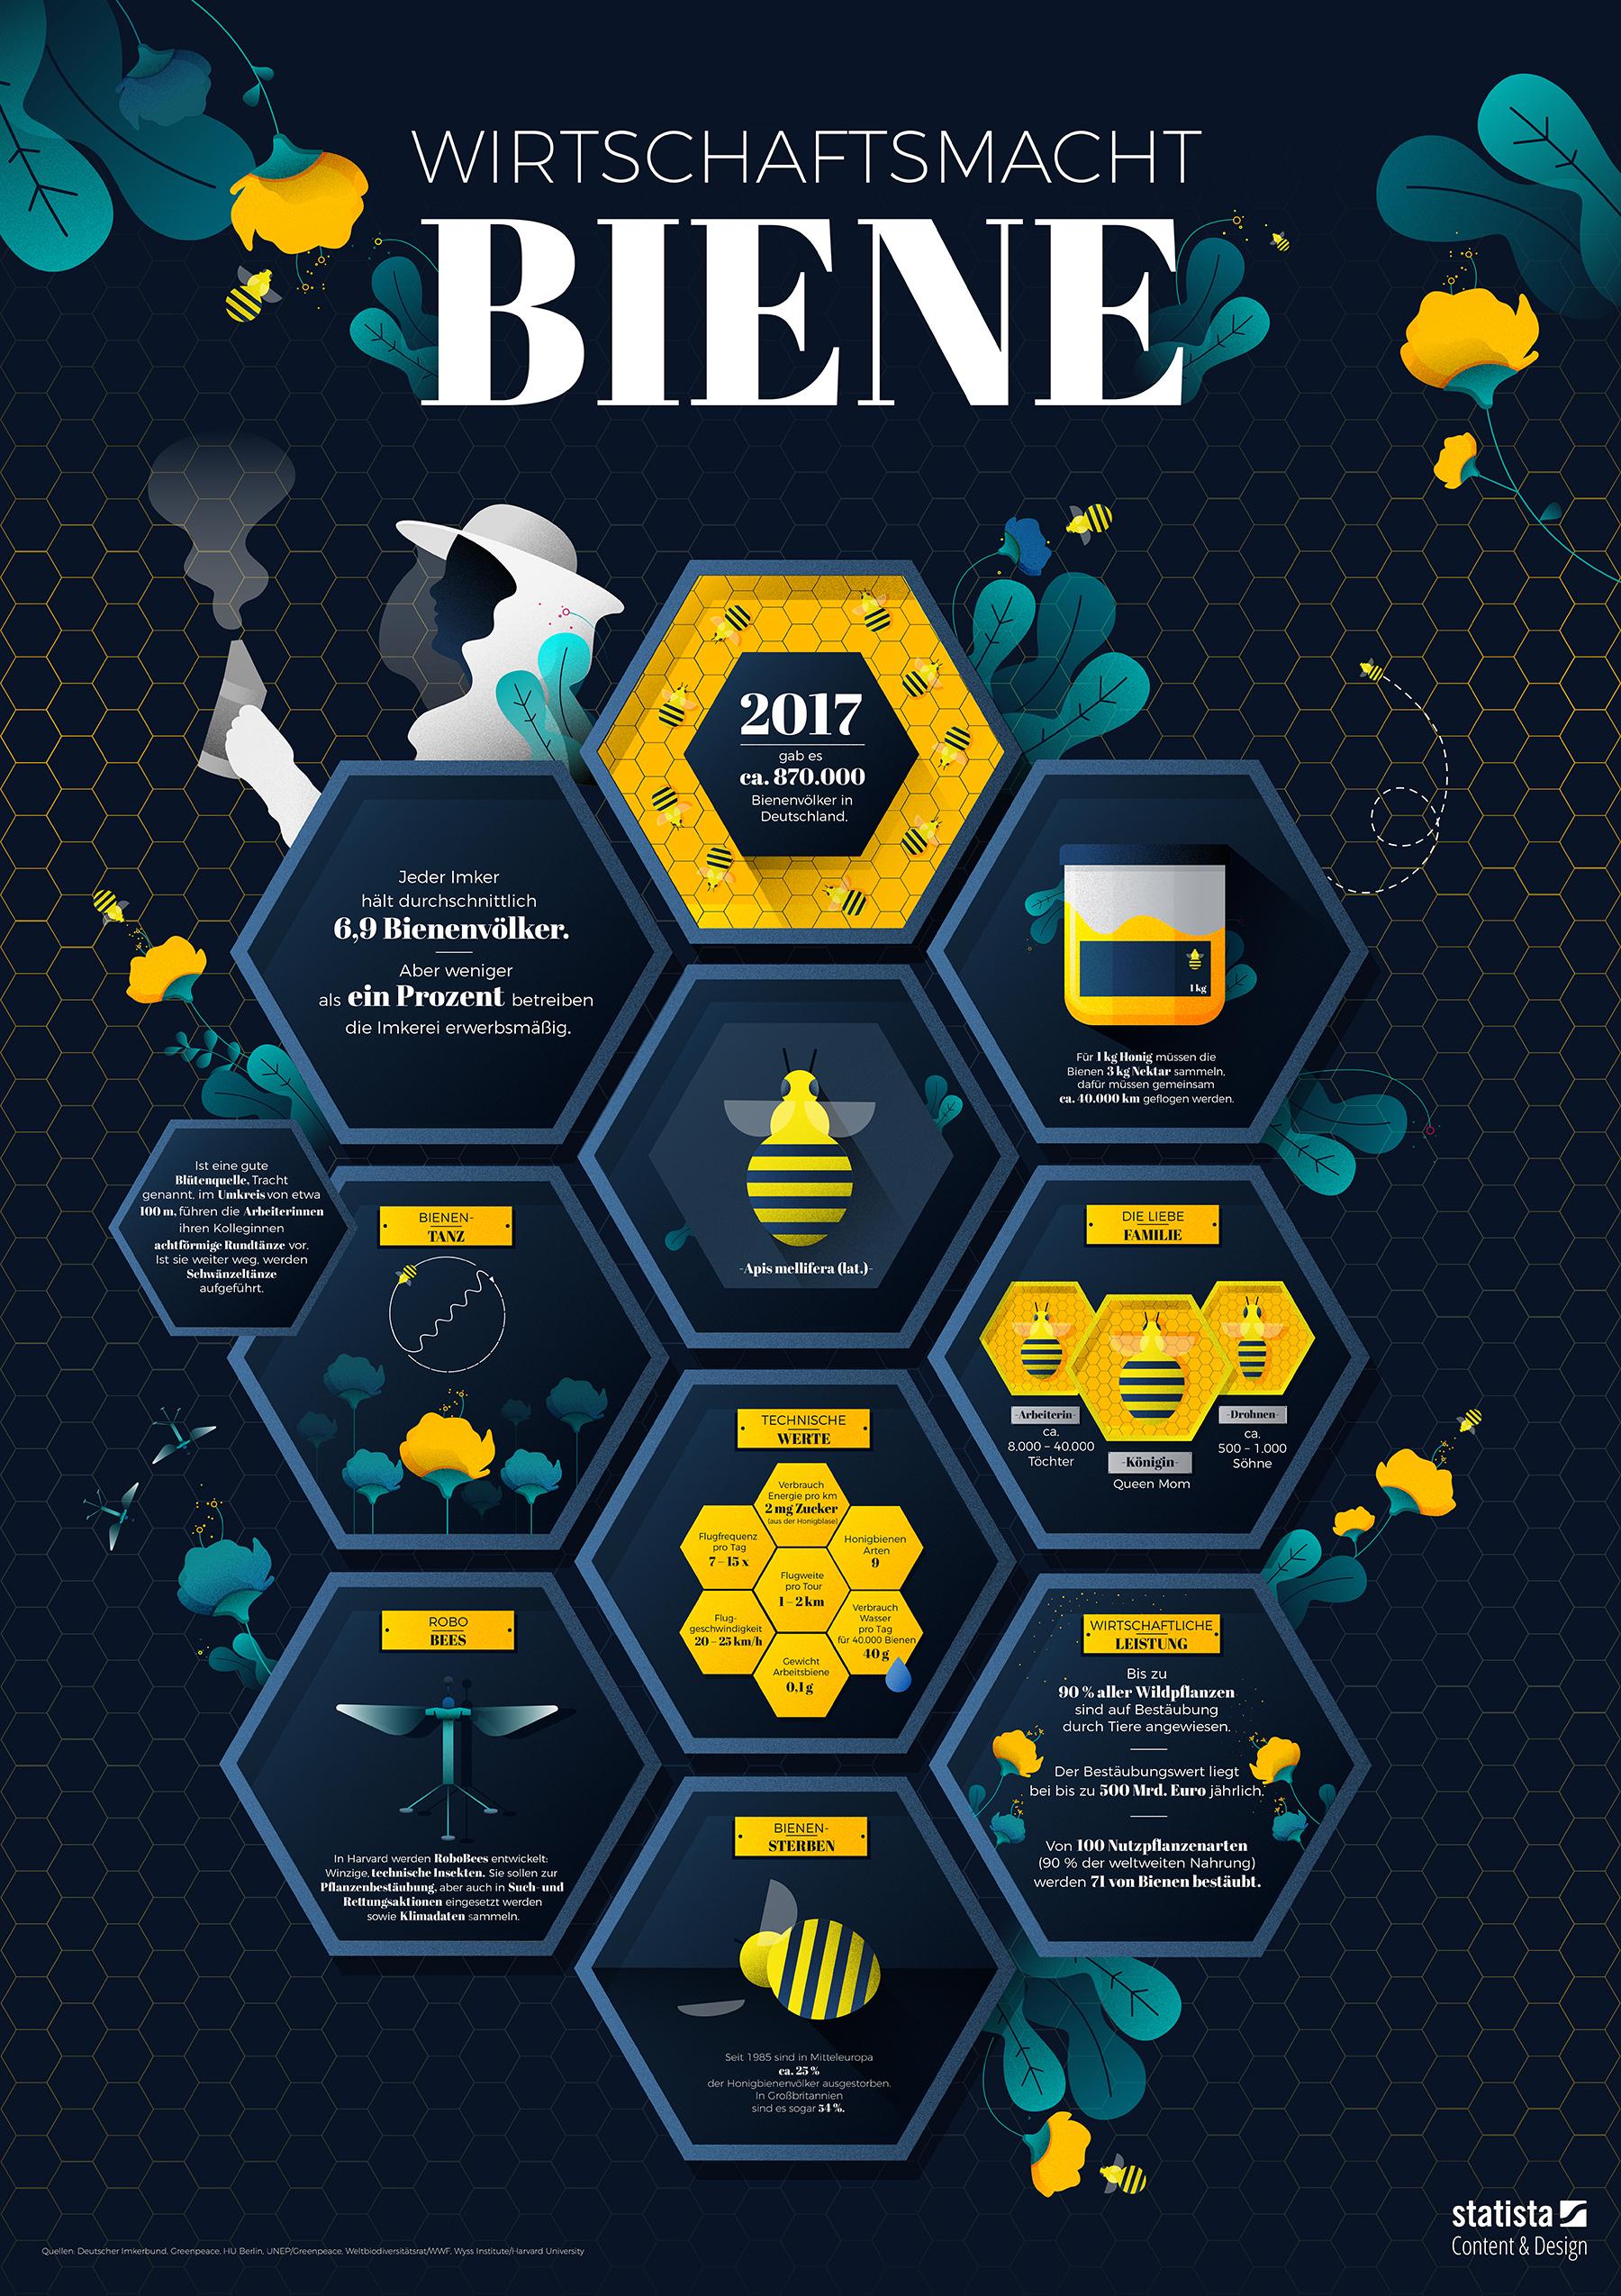 Wirtschaftsmacht Bienen, https://de.statista.com/infografik/13843/wirtschaftsmacht-bienen/